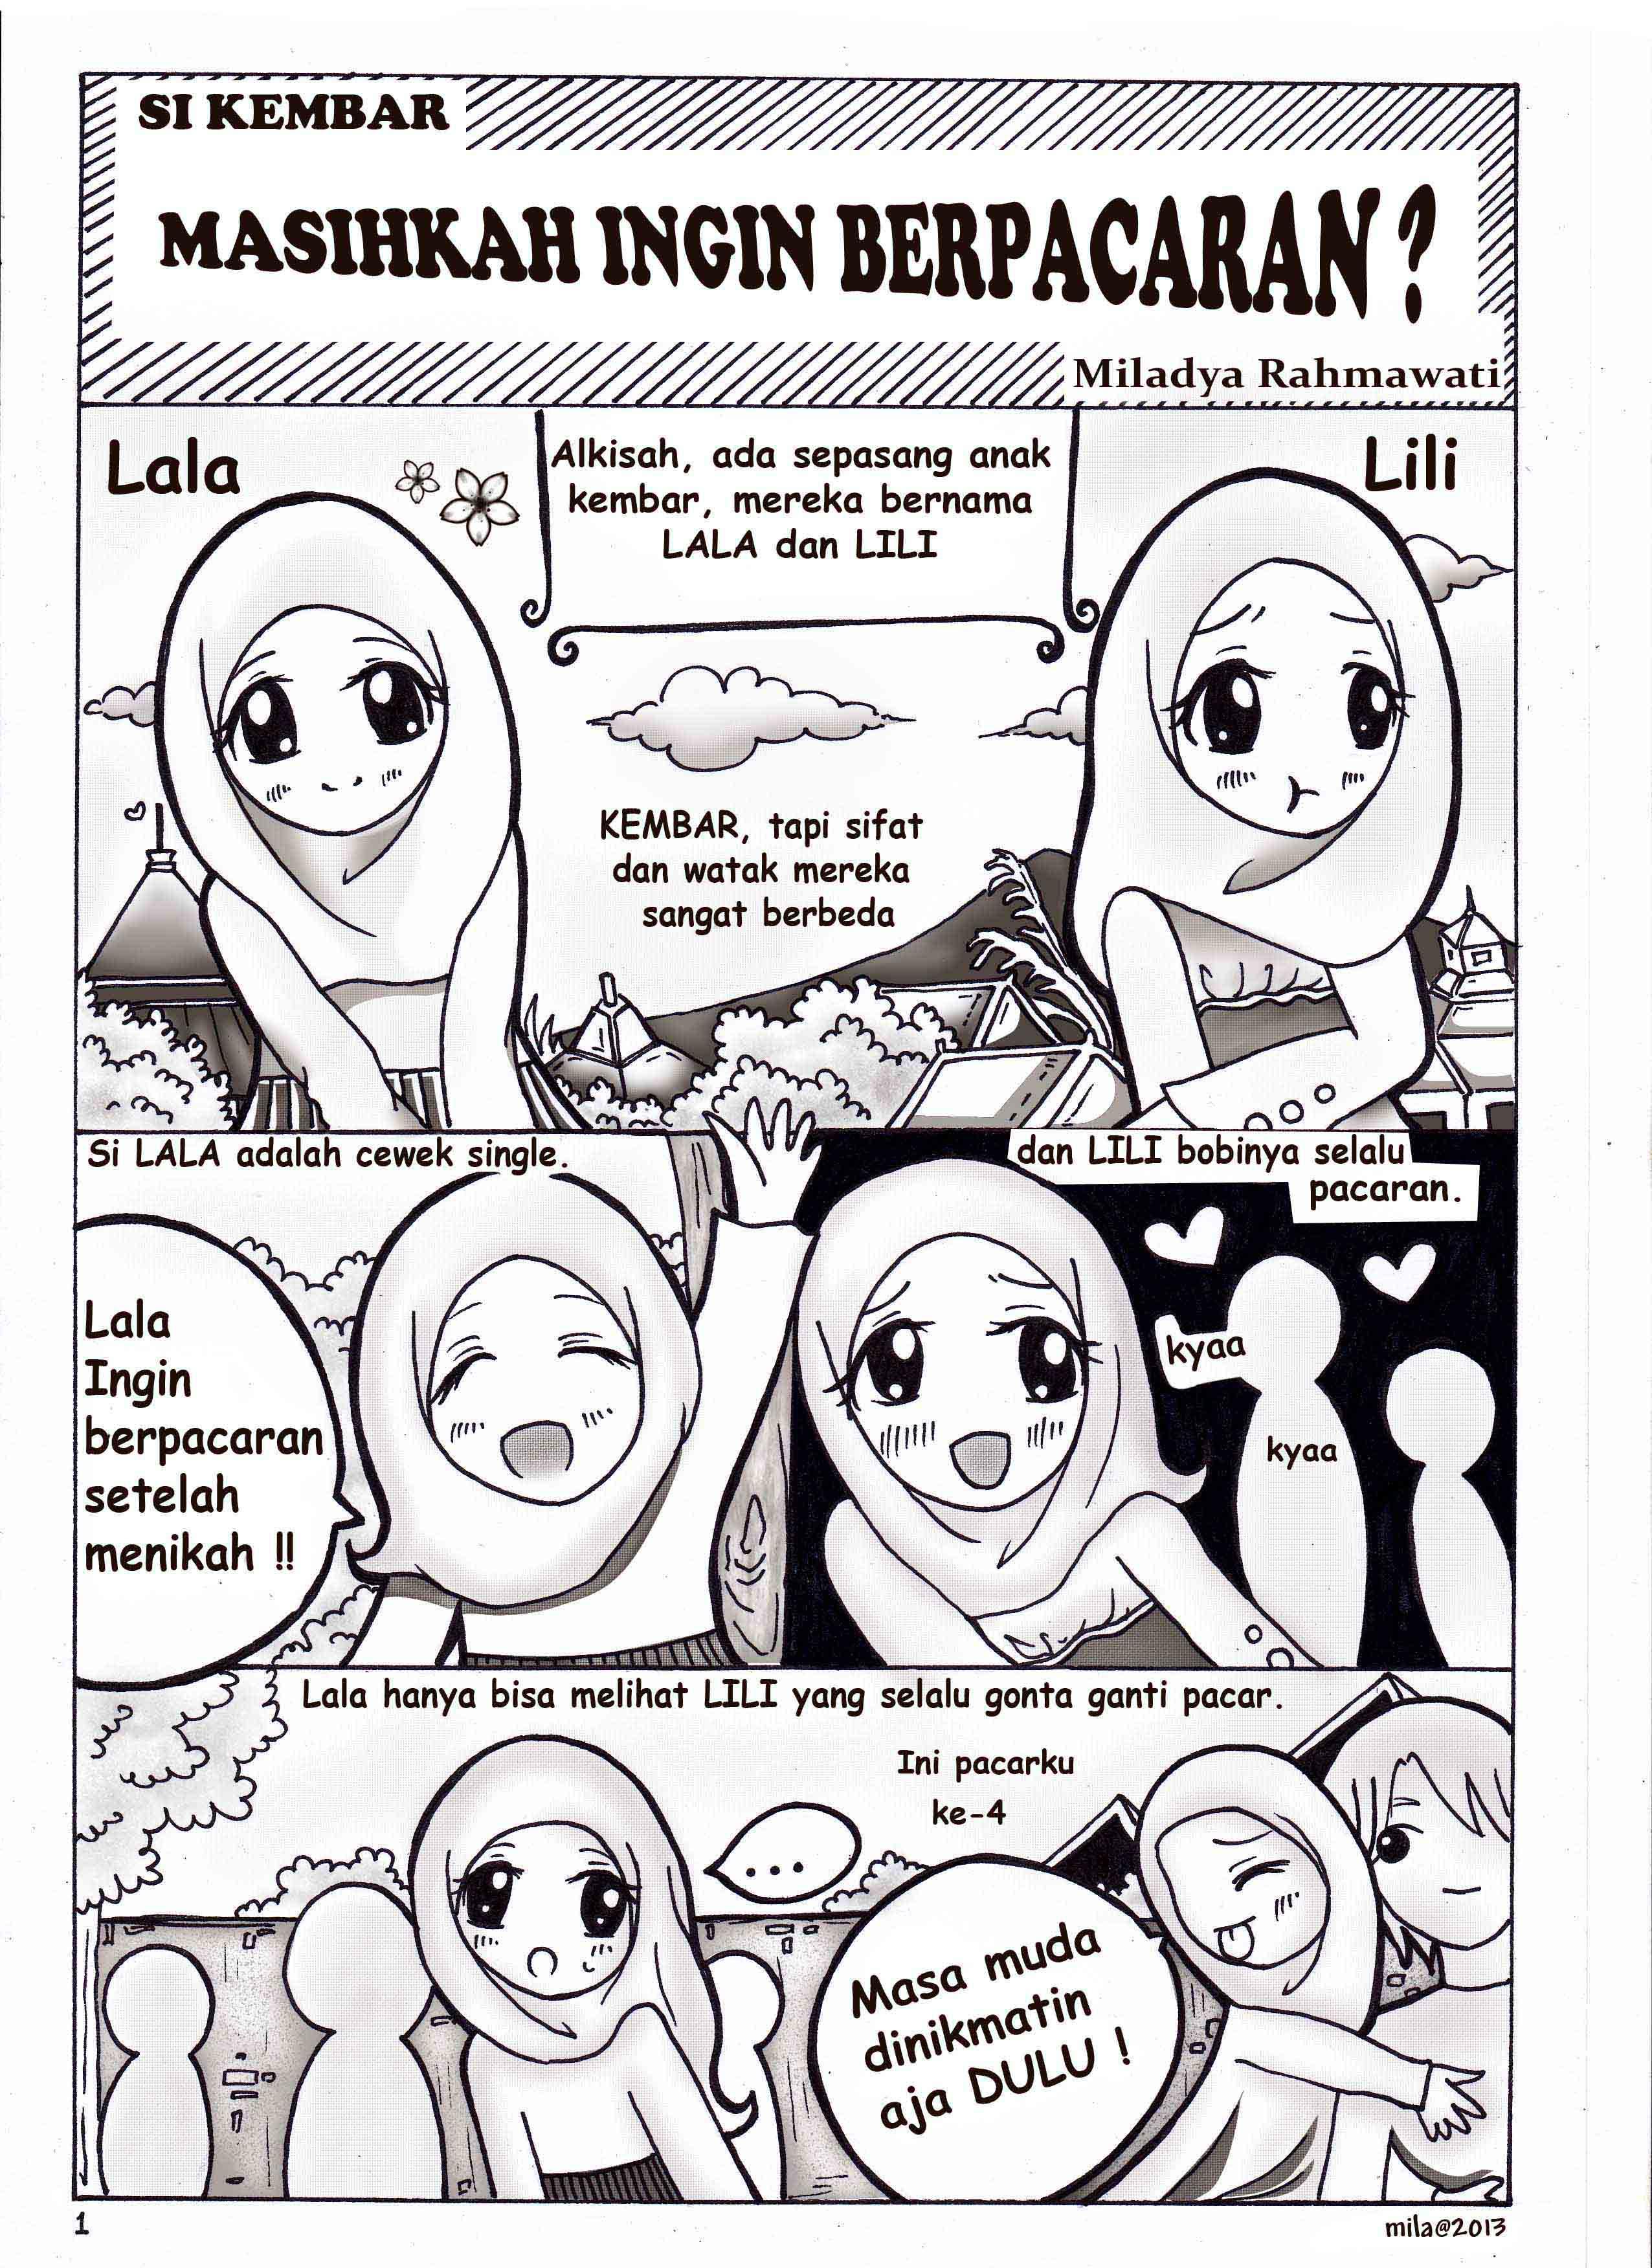 Komik Islami KETIKA KAU JATUH CINTA Komik Islami Buatan Tangan